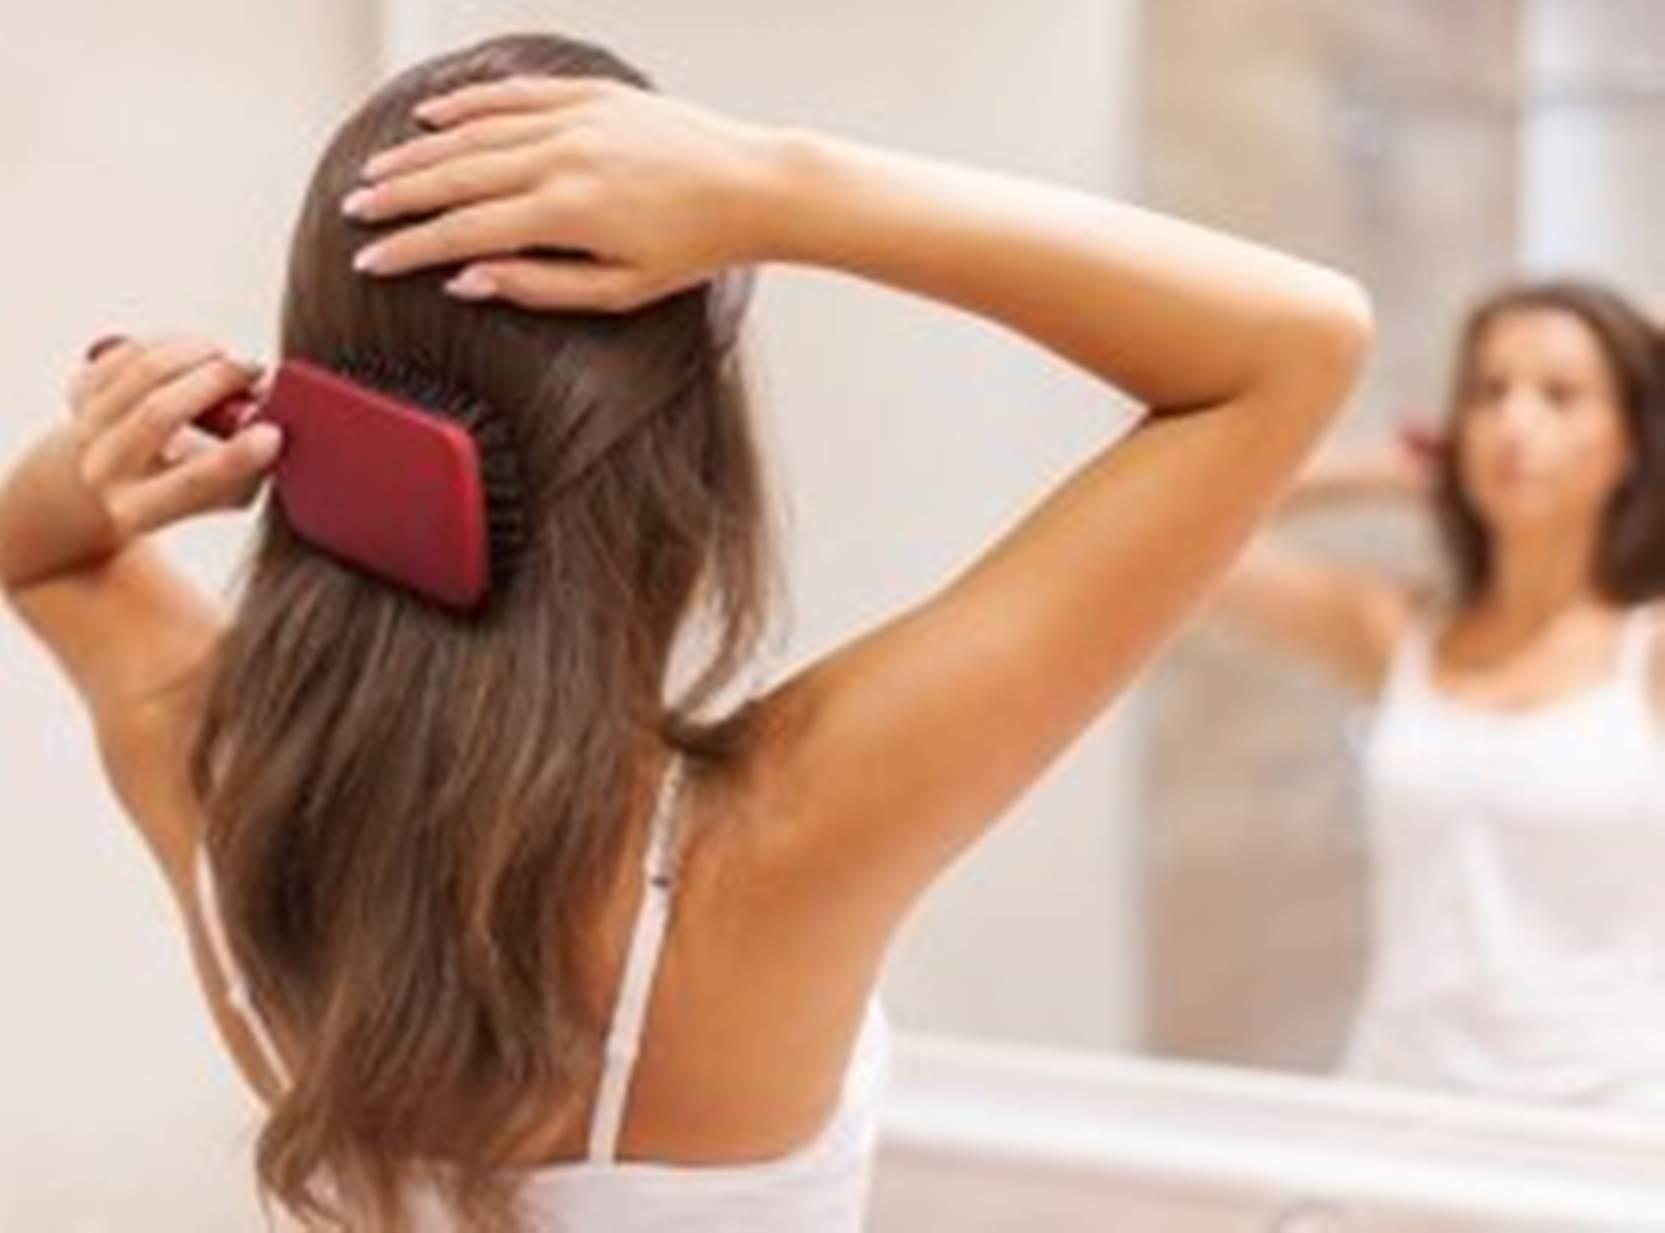 Novos ingredientes caseiros para crescer o cabelo mais rápido: veja passo a passo